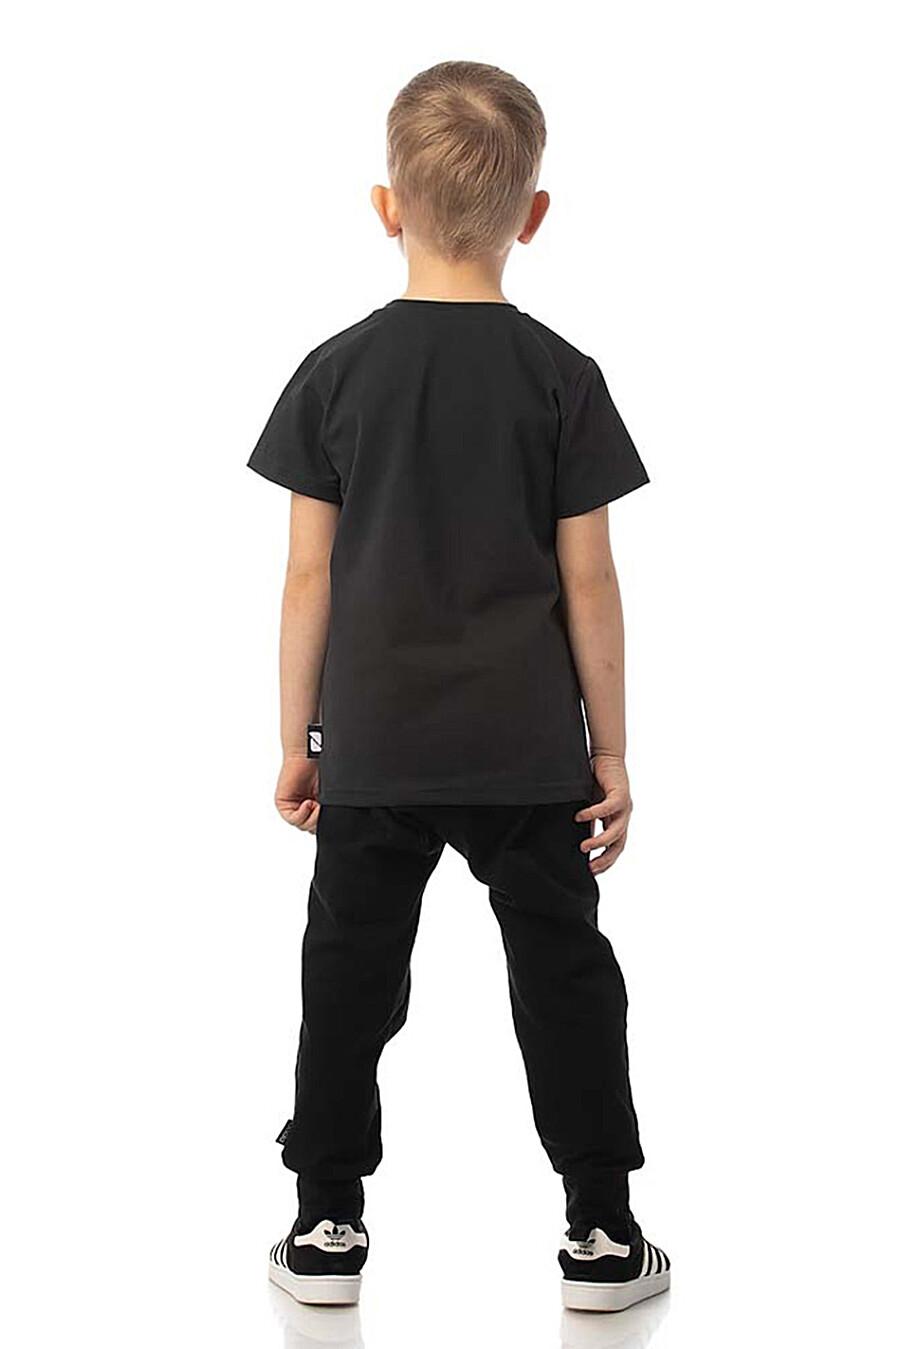 Футболка для мальчиков BODO 272782 купить оптом от производителя. Совместная покупка детской одежды в OptMoyo